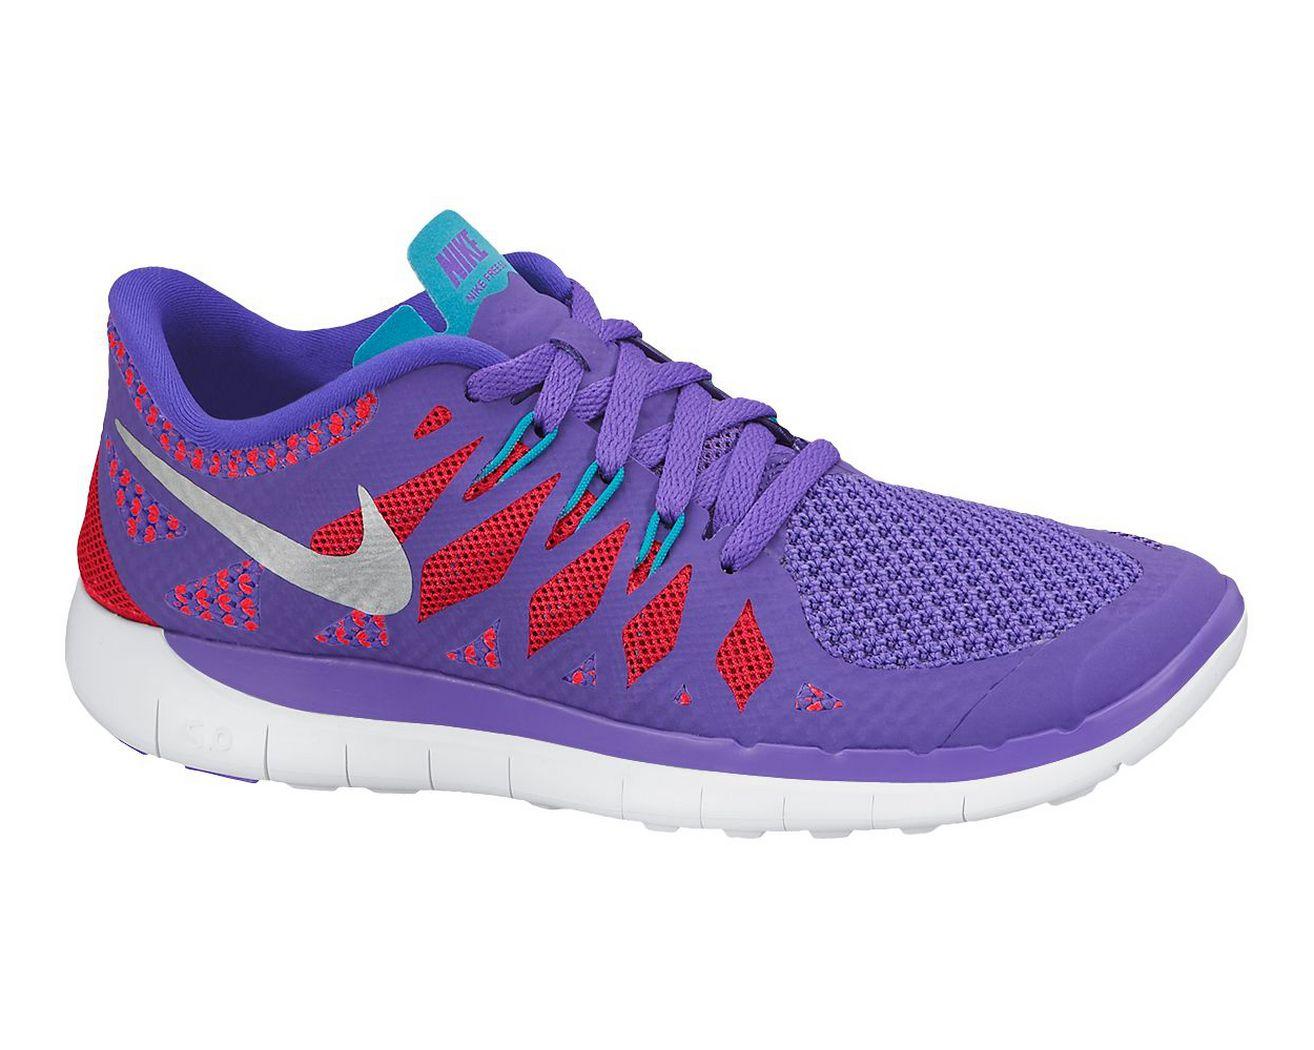 Kids Nike Free 5.0 Running Shoe at Road Runner Sports